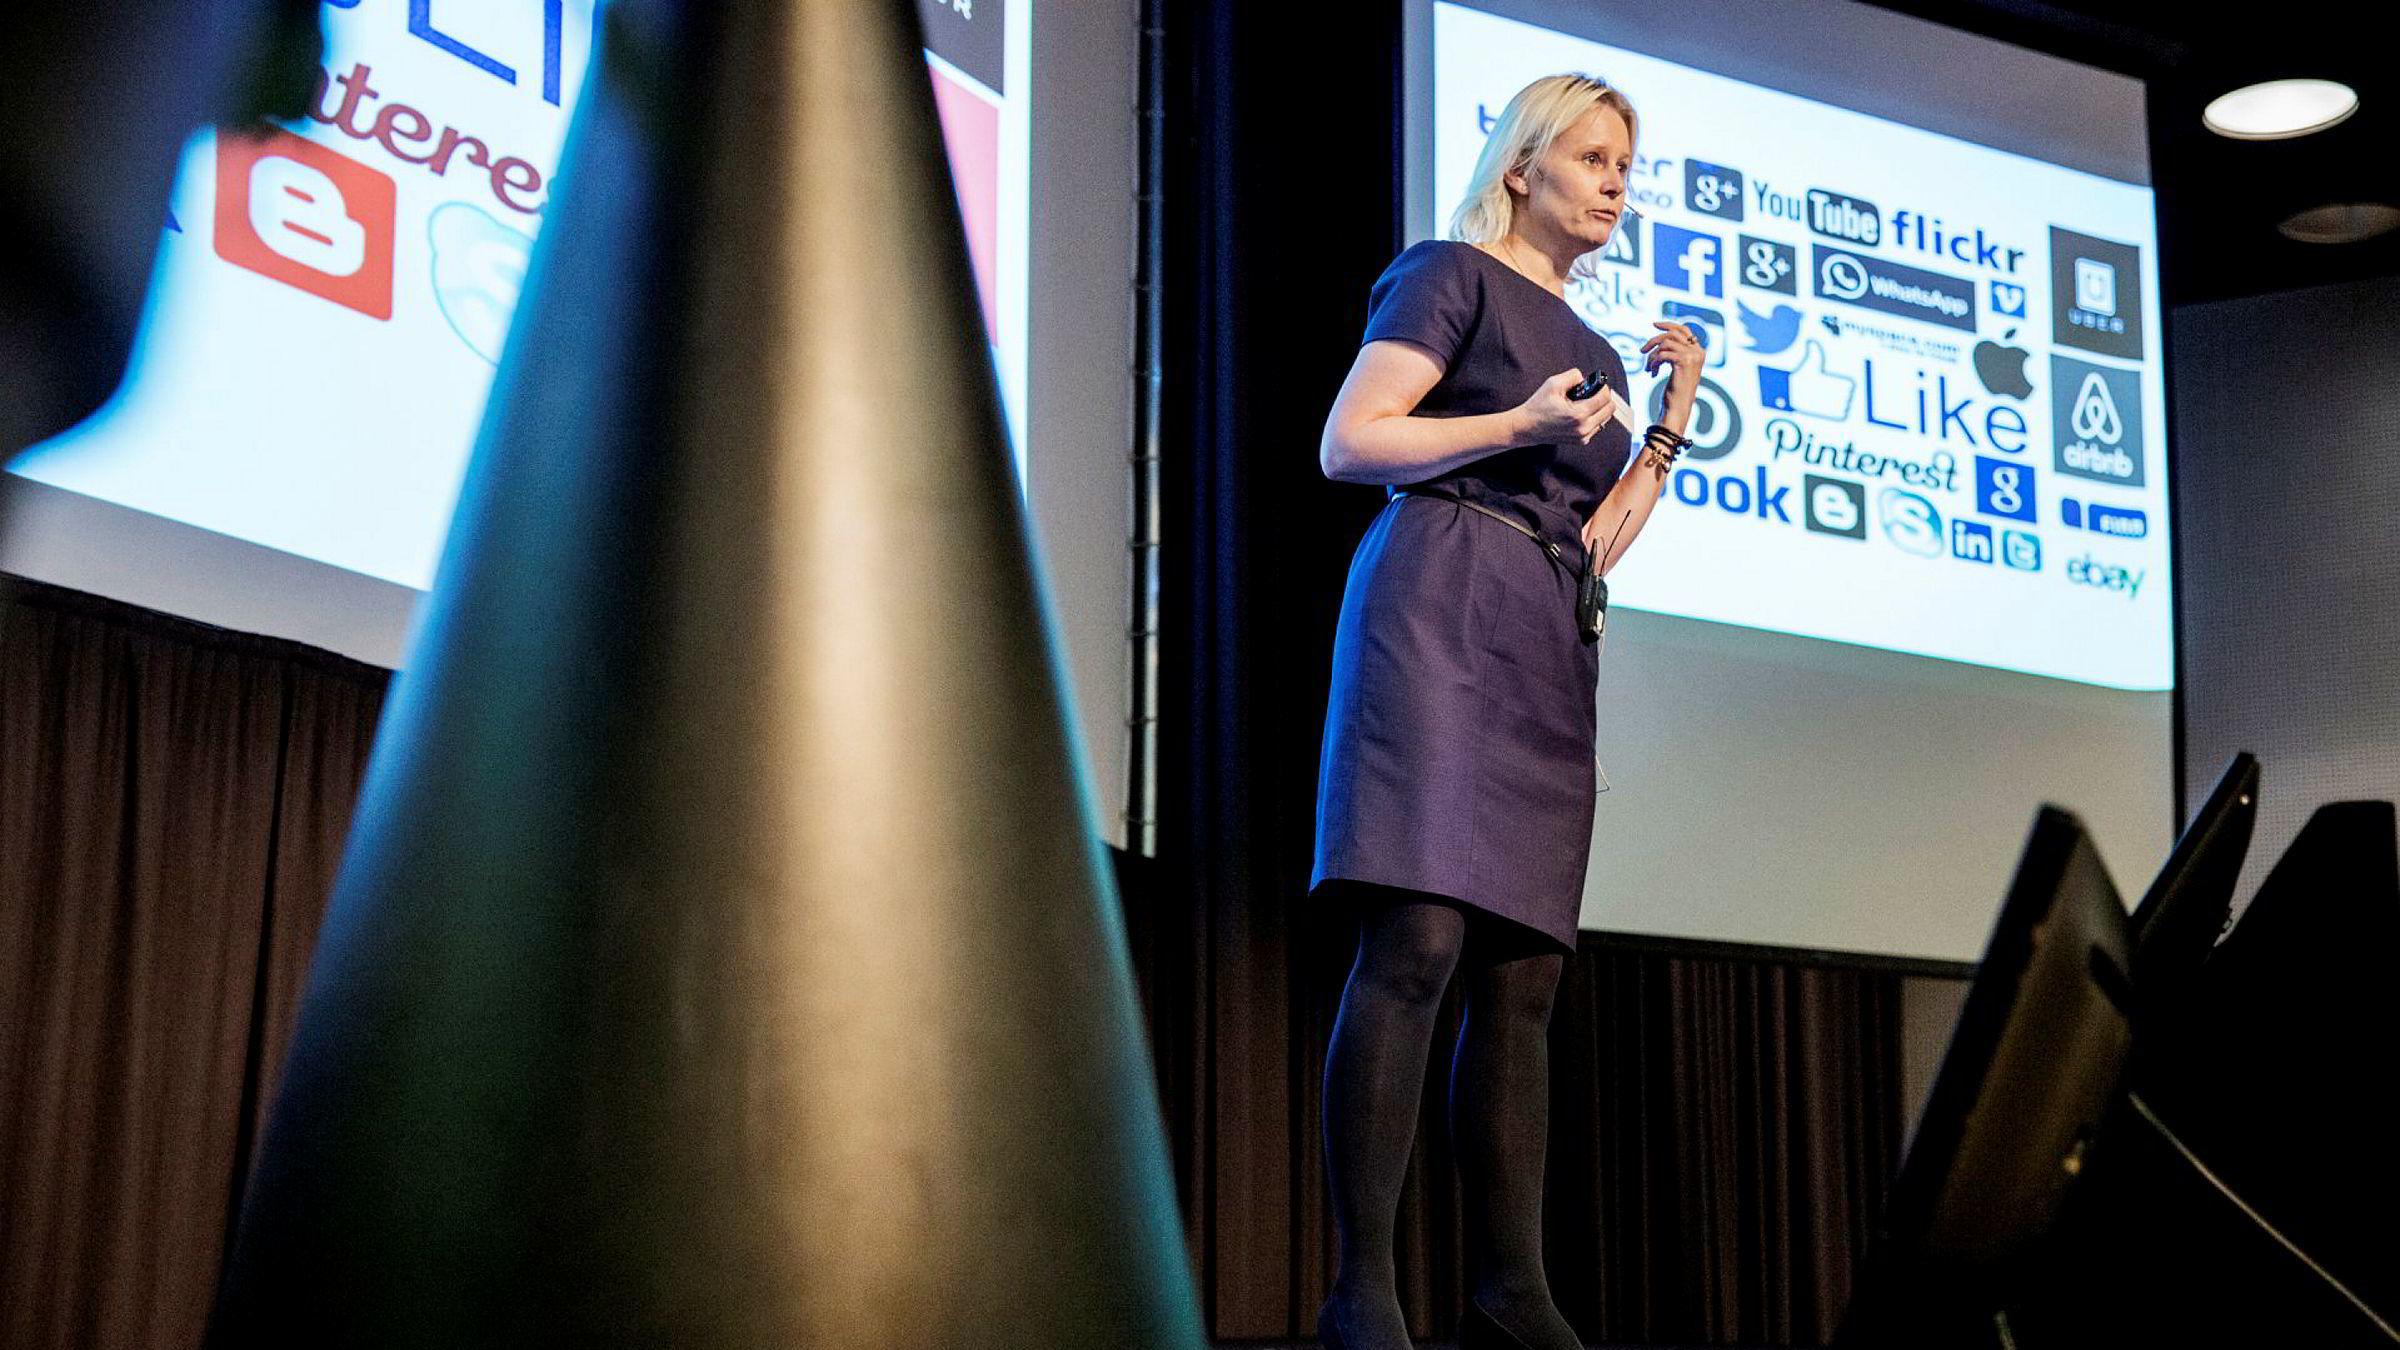 Bente Sollid Storehaug mener det blir feil å si at de nye toppdomene kjennetegnes av svindel. – Det som kjennetegner dem er at det har tatt lengre tid å få dem ut i markedet enn man trodde for tre år siden, sier hun.